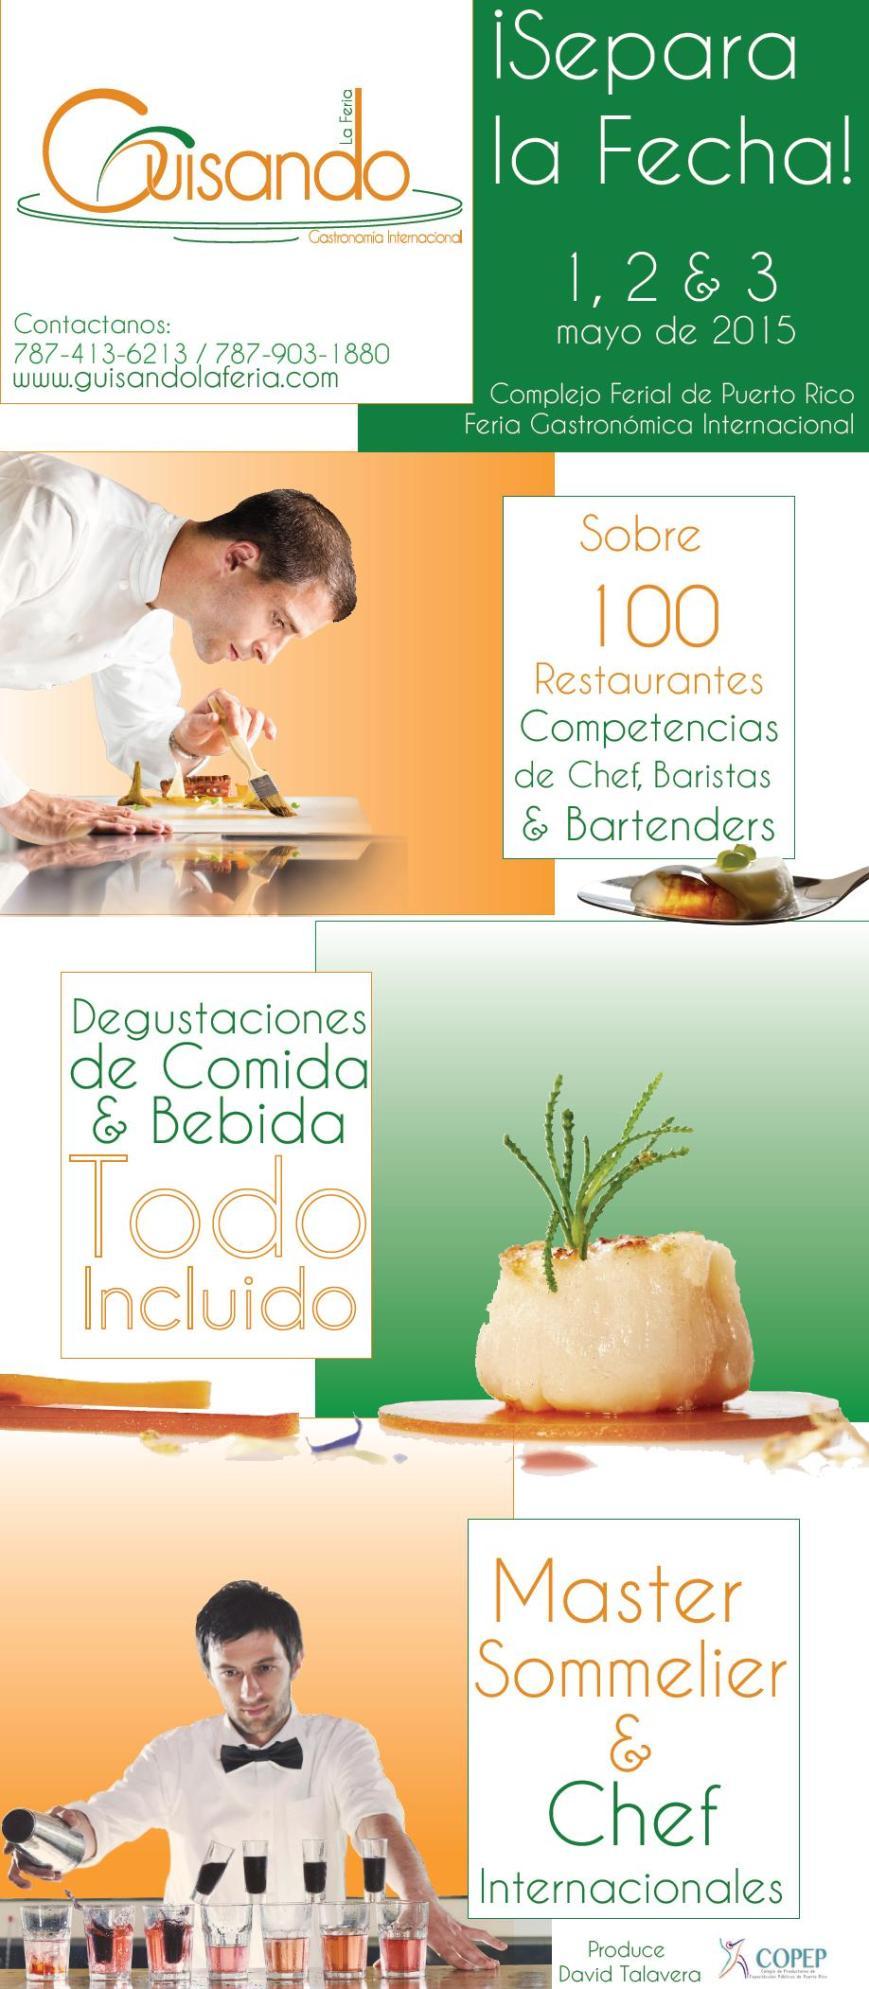 Guisando - La Feria Gastronómica Internacional